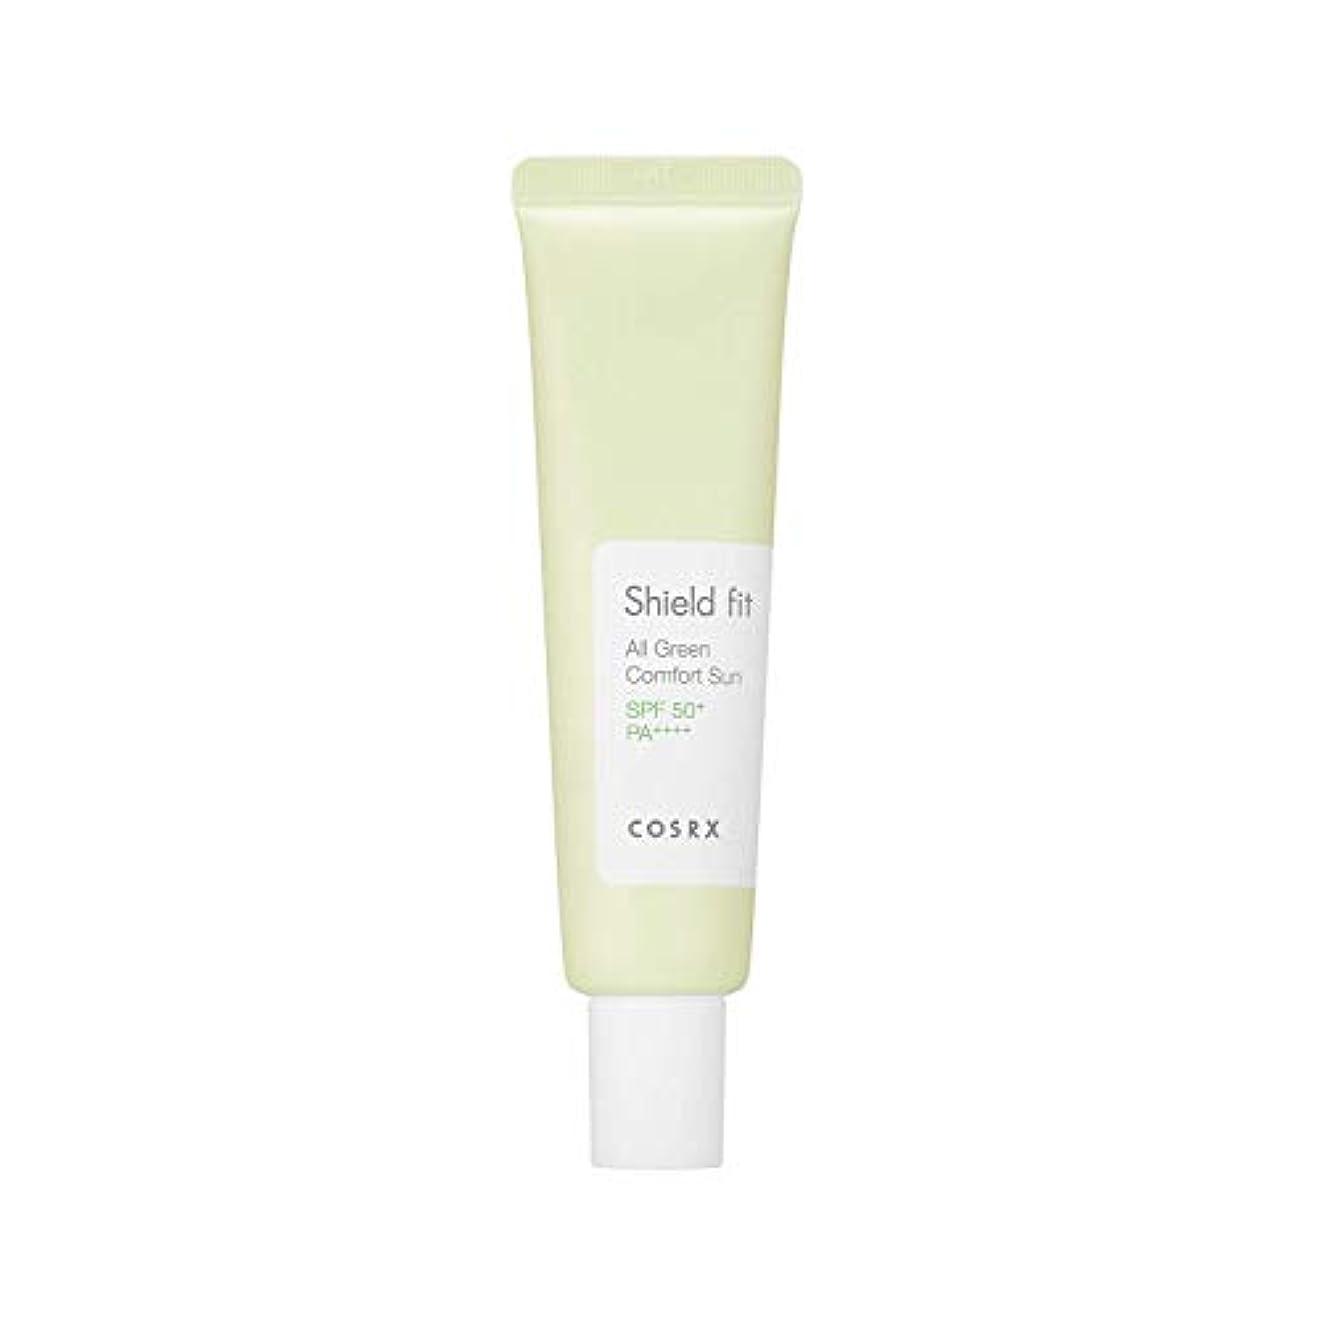 ご近所倉庫麻痺COSRX シールドフィットオールグリーンコンフォートサン 35ml SPF50+ PA++++ コースアールエックス Shield Fit All Green Comfort Sun